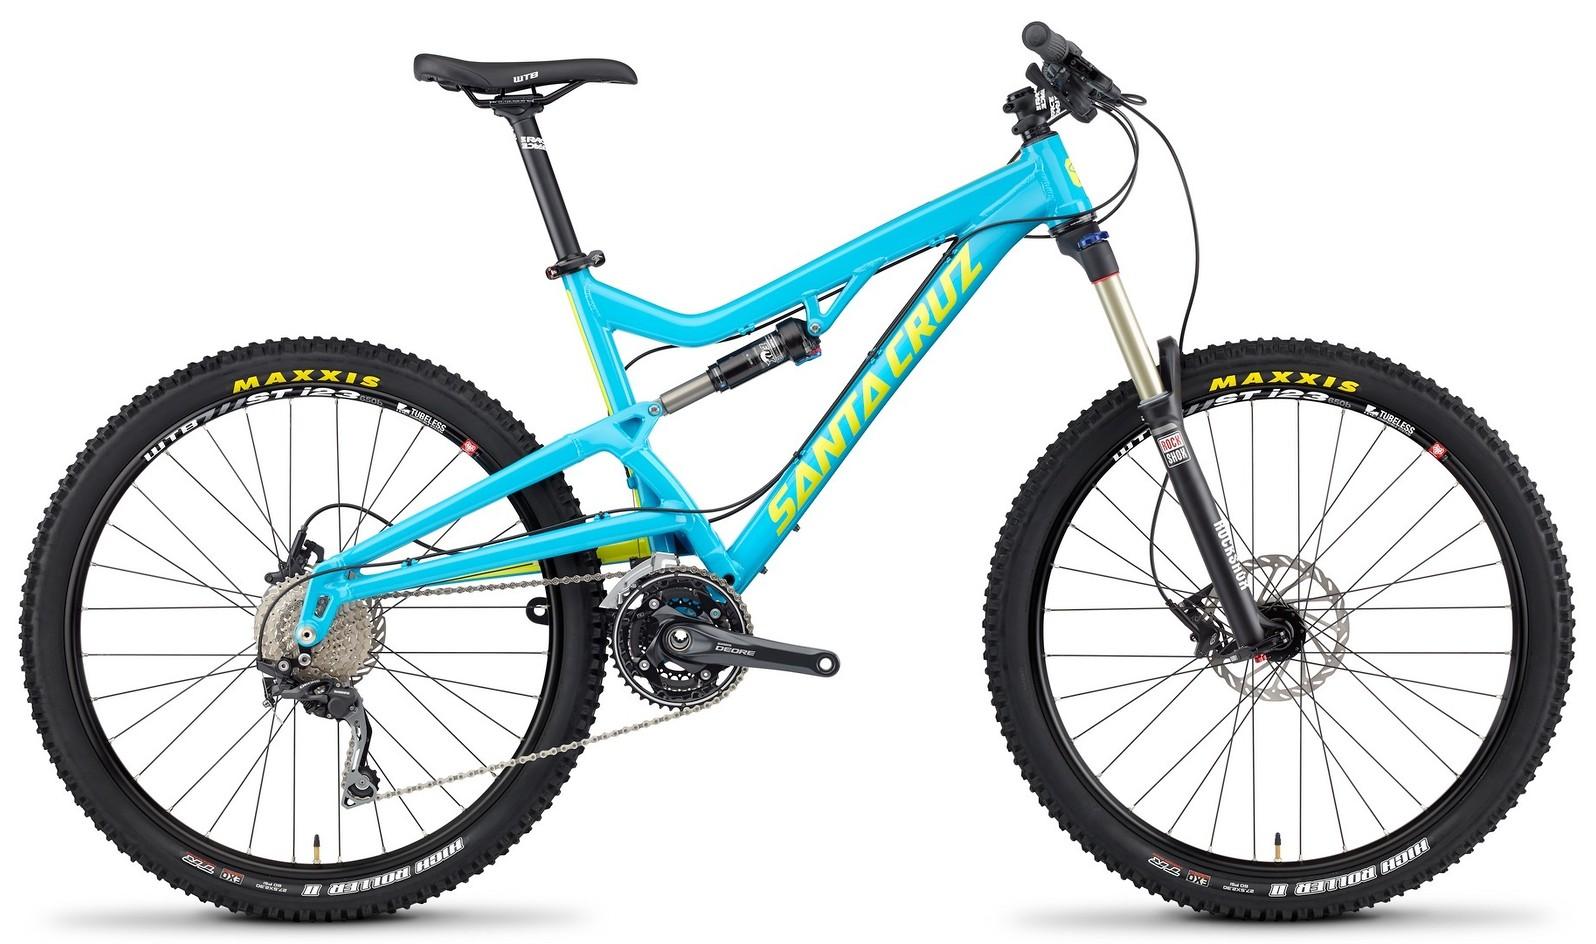 2014 Santa Cruz Heckler D AM 27.5 Bike 1 Heckler_Profile_BLUE